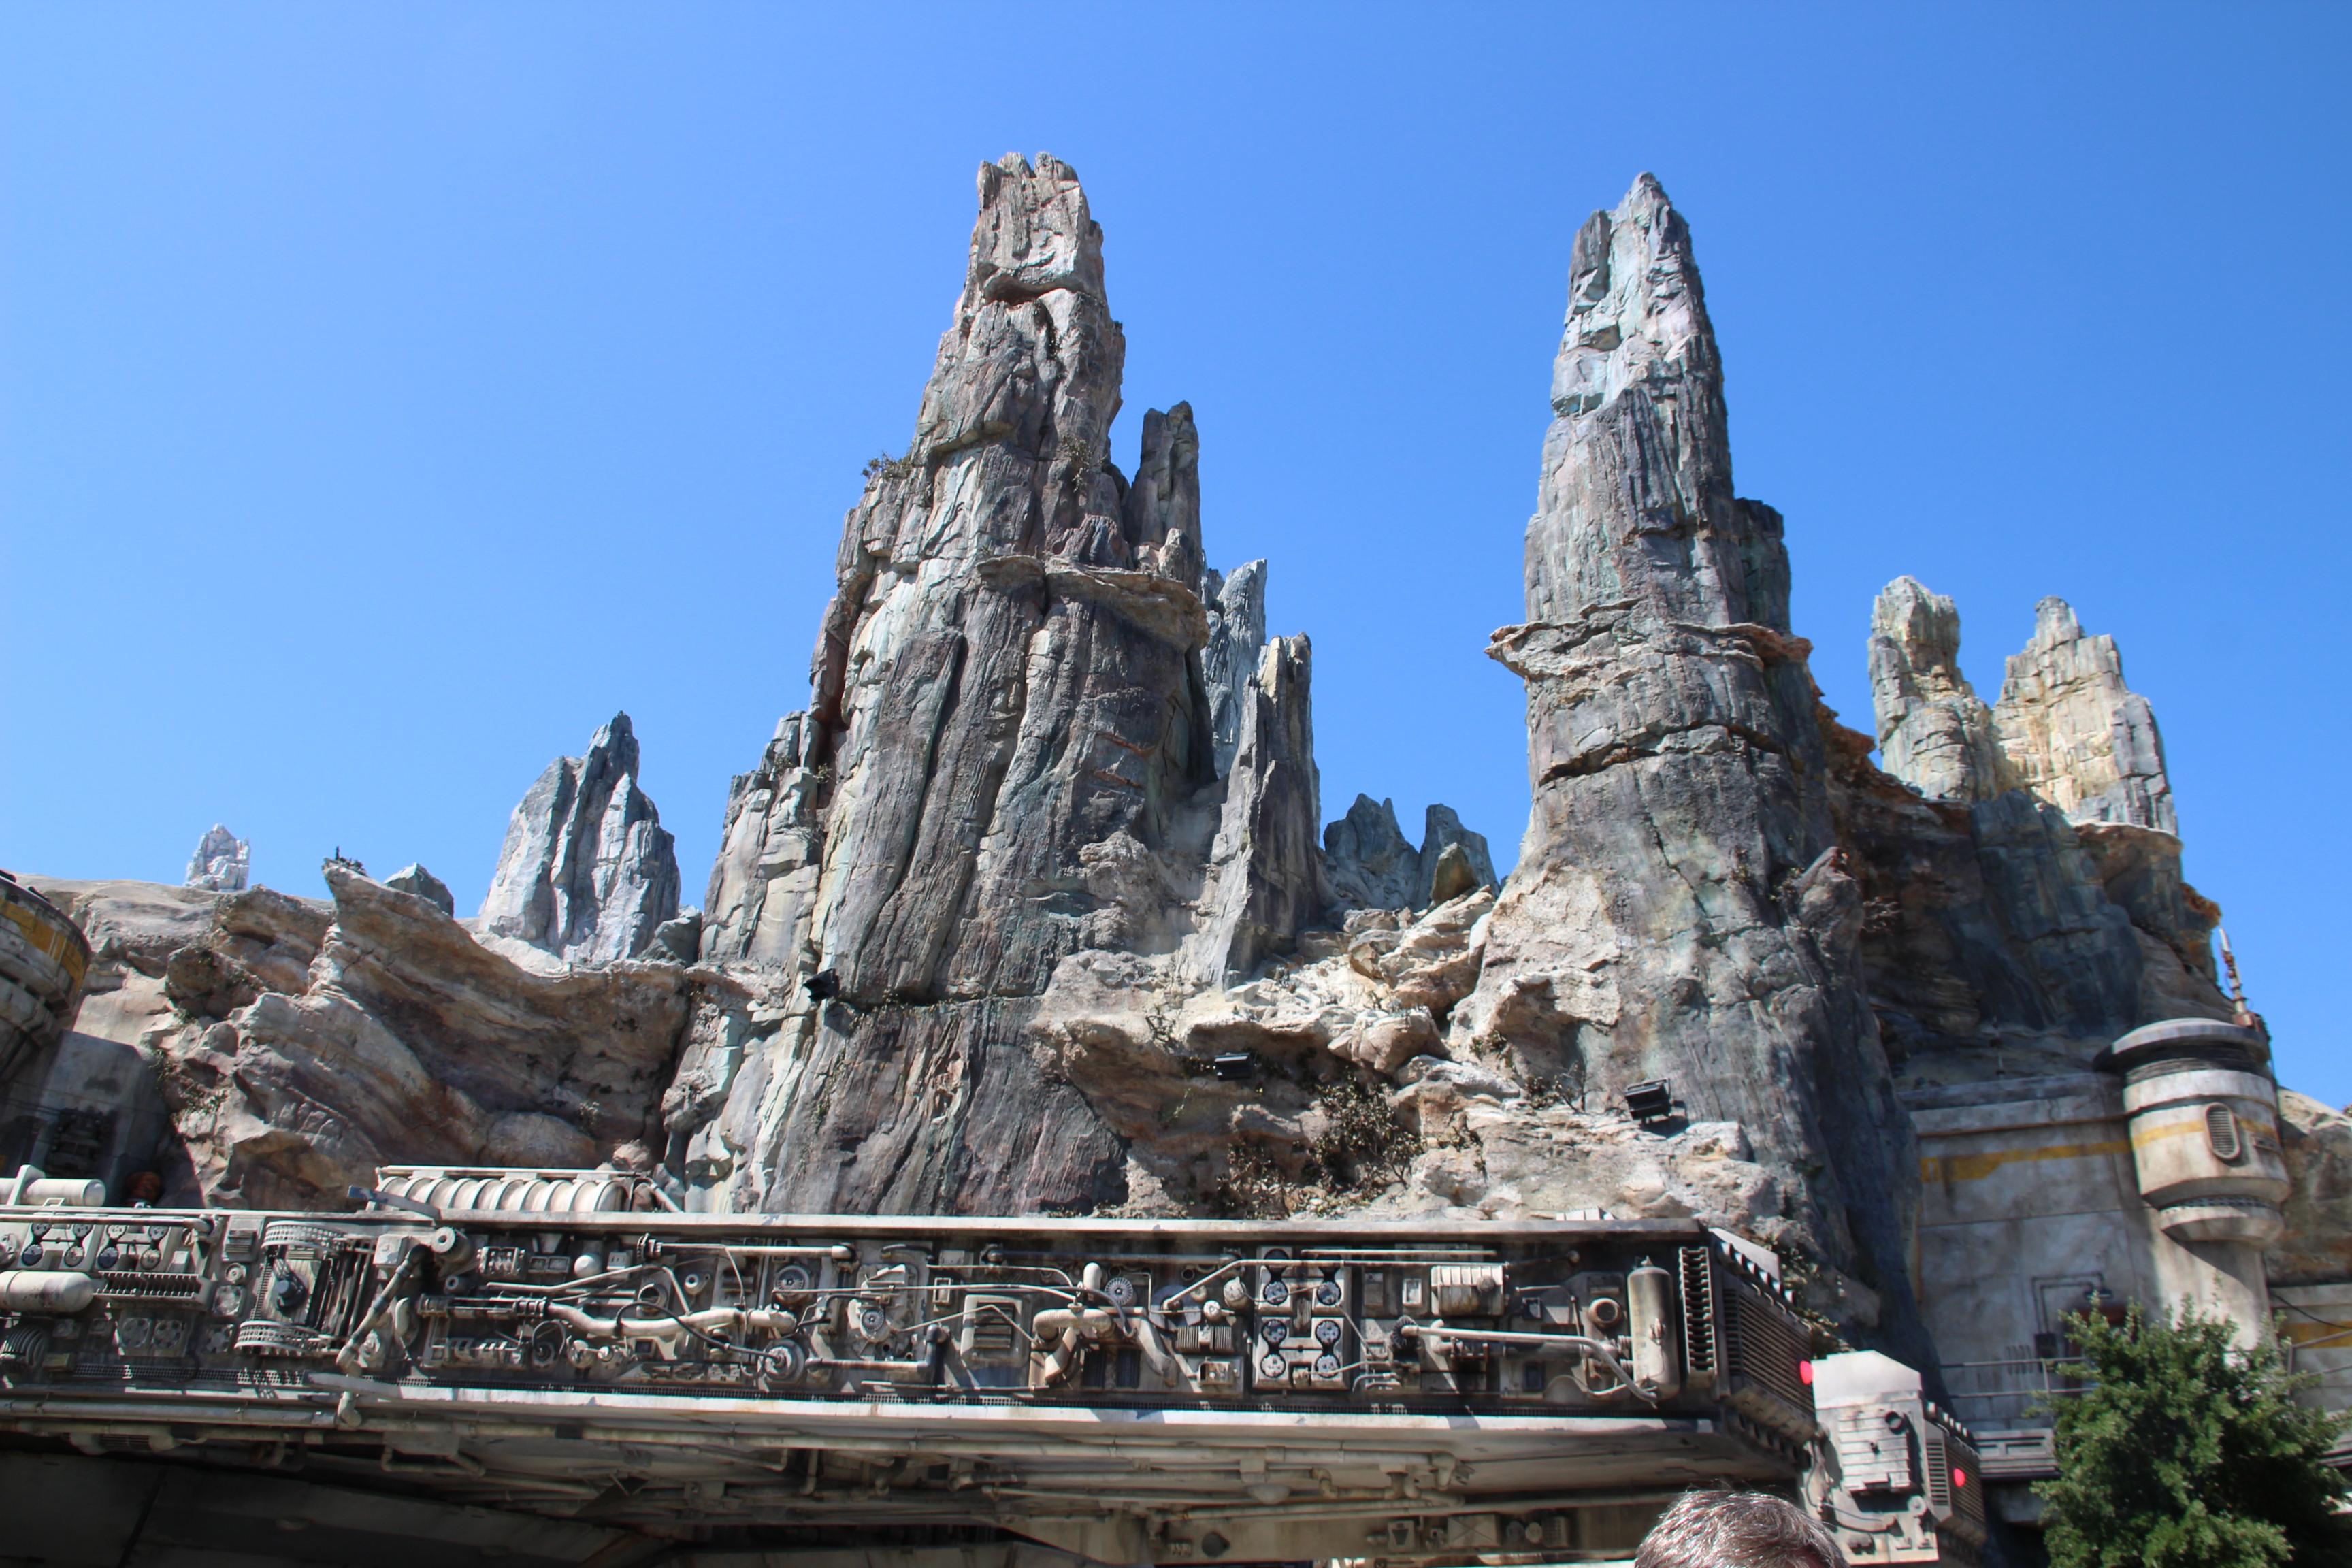 La Atracción Millennium Falcon: Smugglers Run en Disneylandia